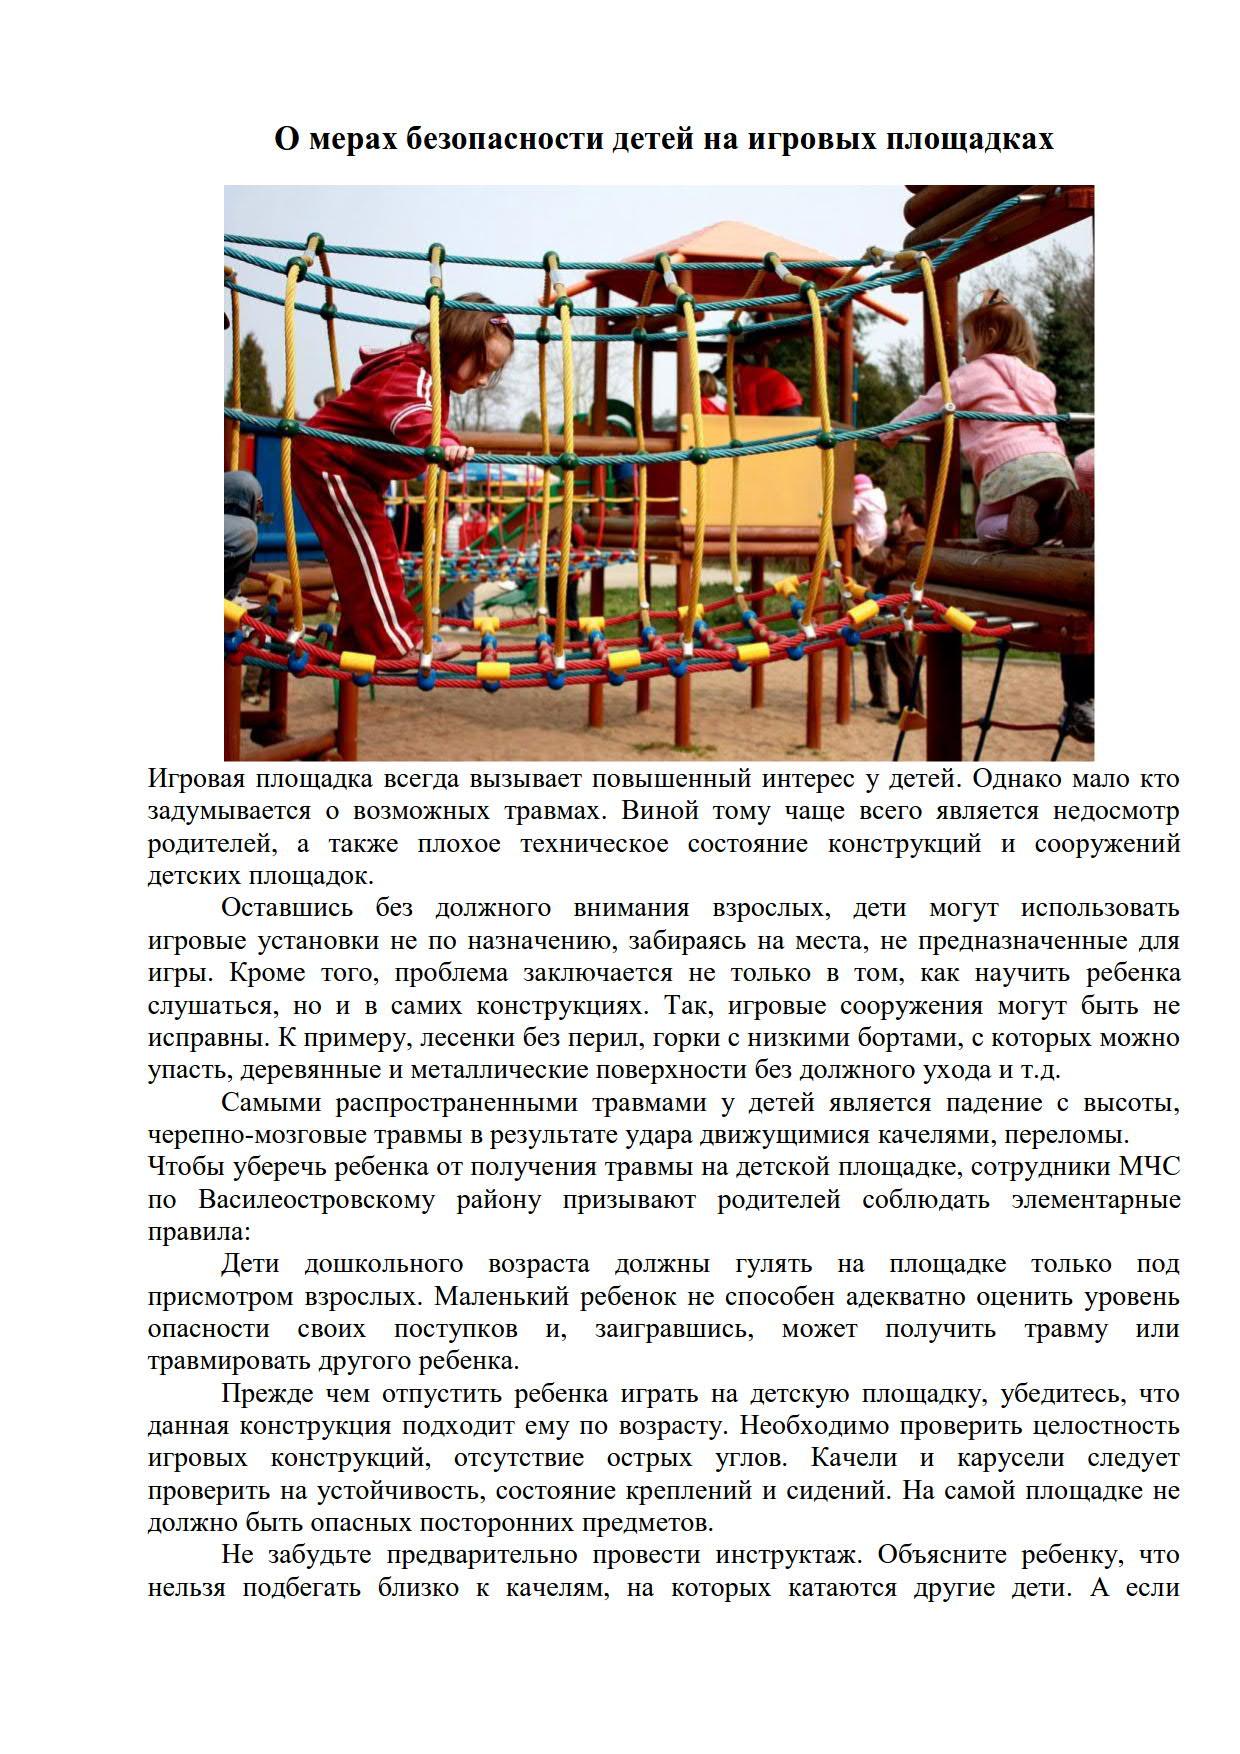 О мерах безопасности детей на игровых площадках_1